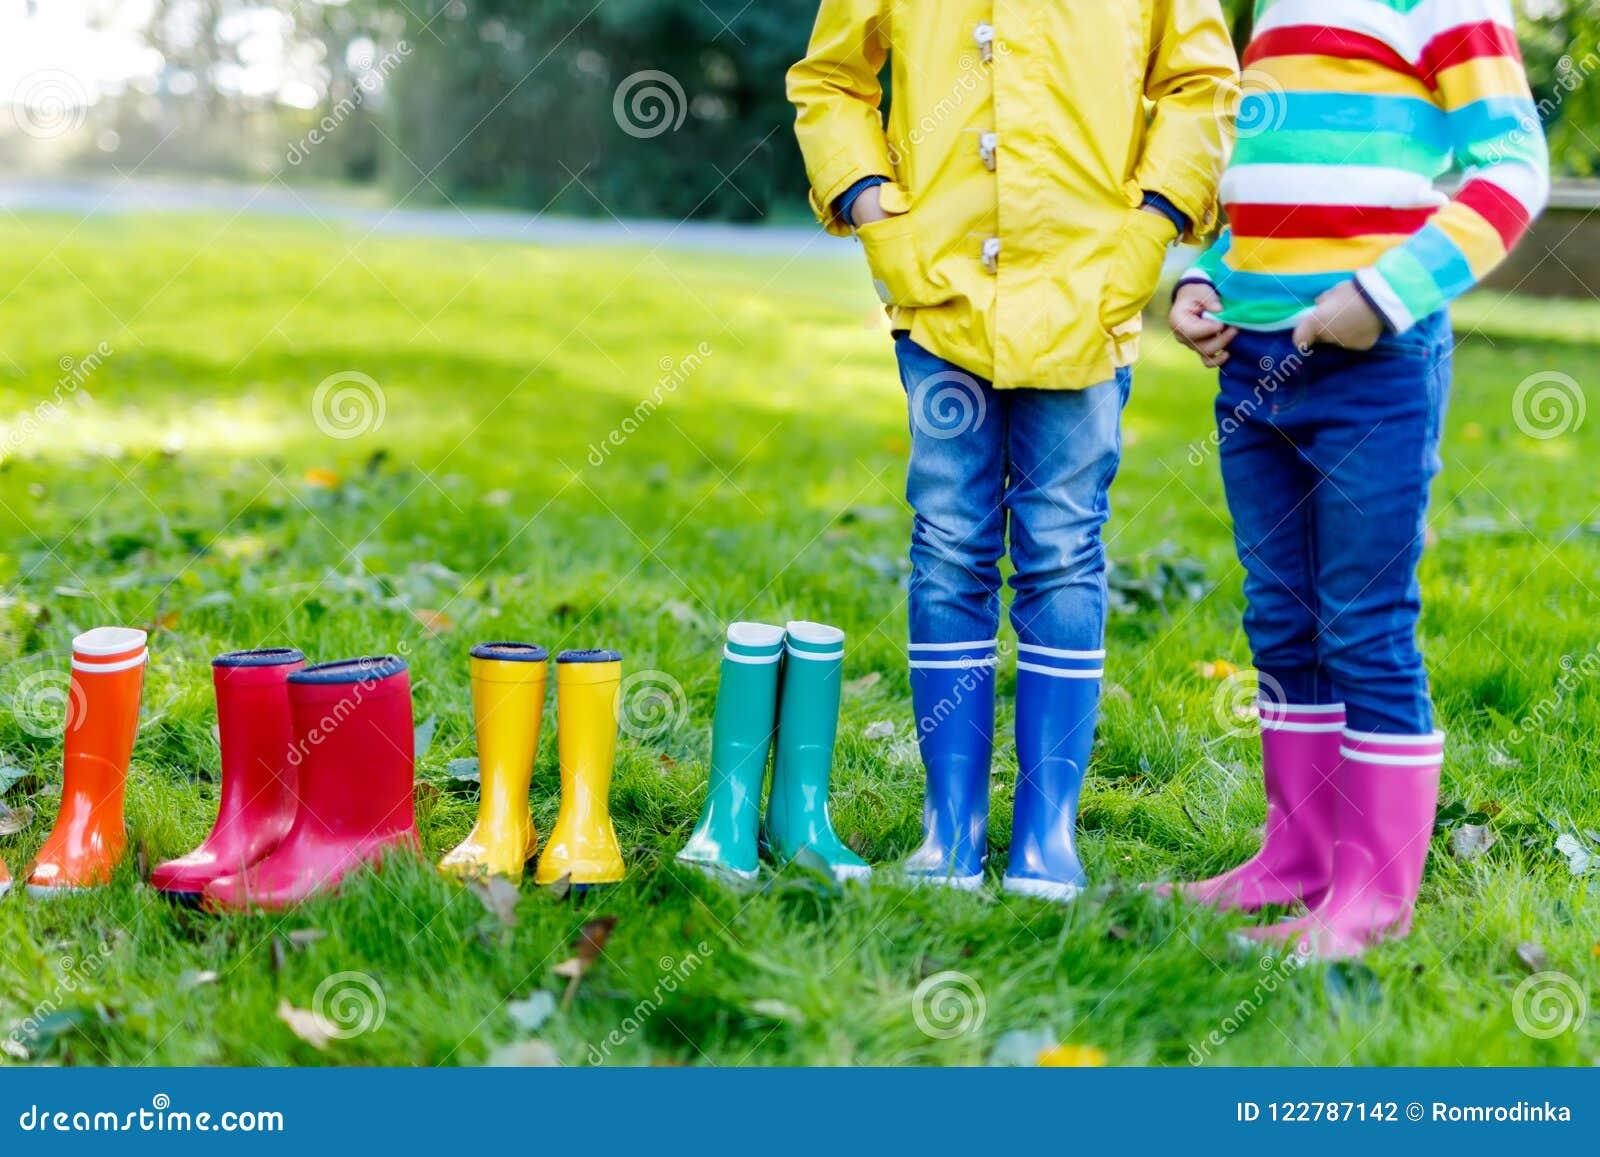 Niños, muchachos o muchachas en vaqueros y chaqueta amarilla en botas de lluvia coloridas